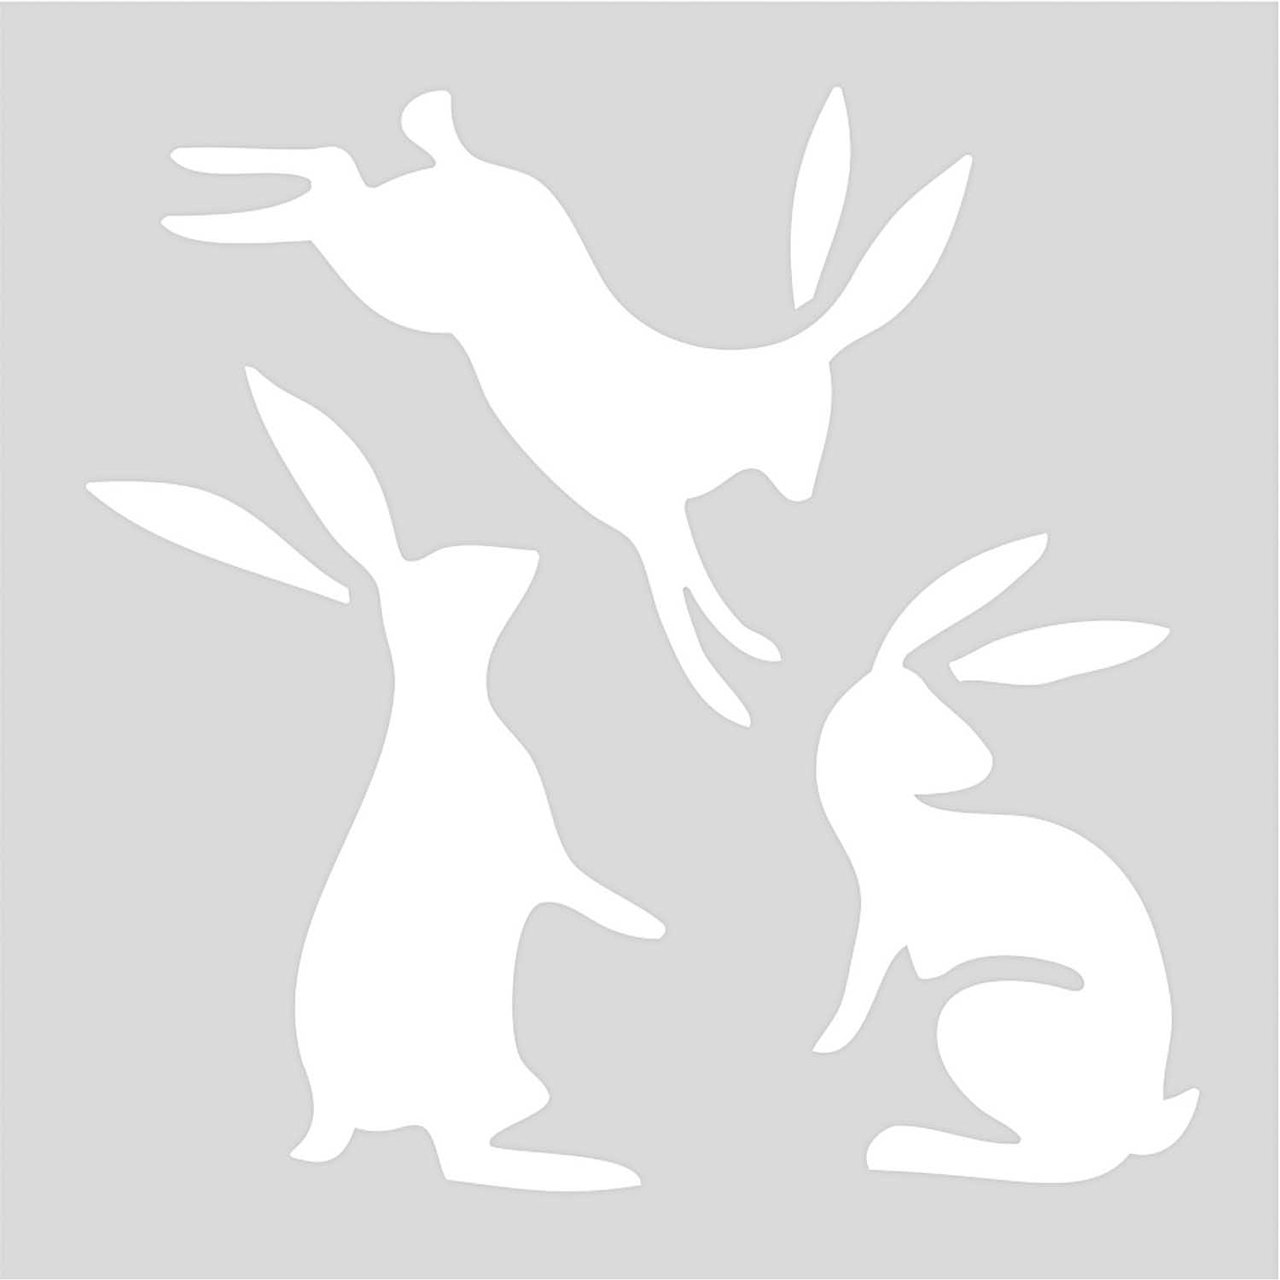 Ergebnisse zu: Schablone   Meinehasenwelt.de